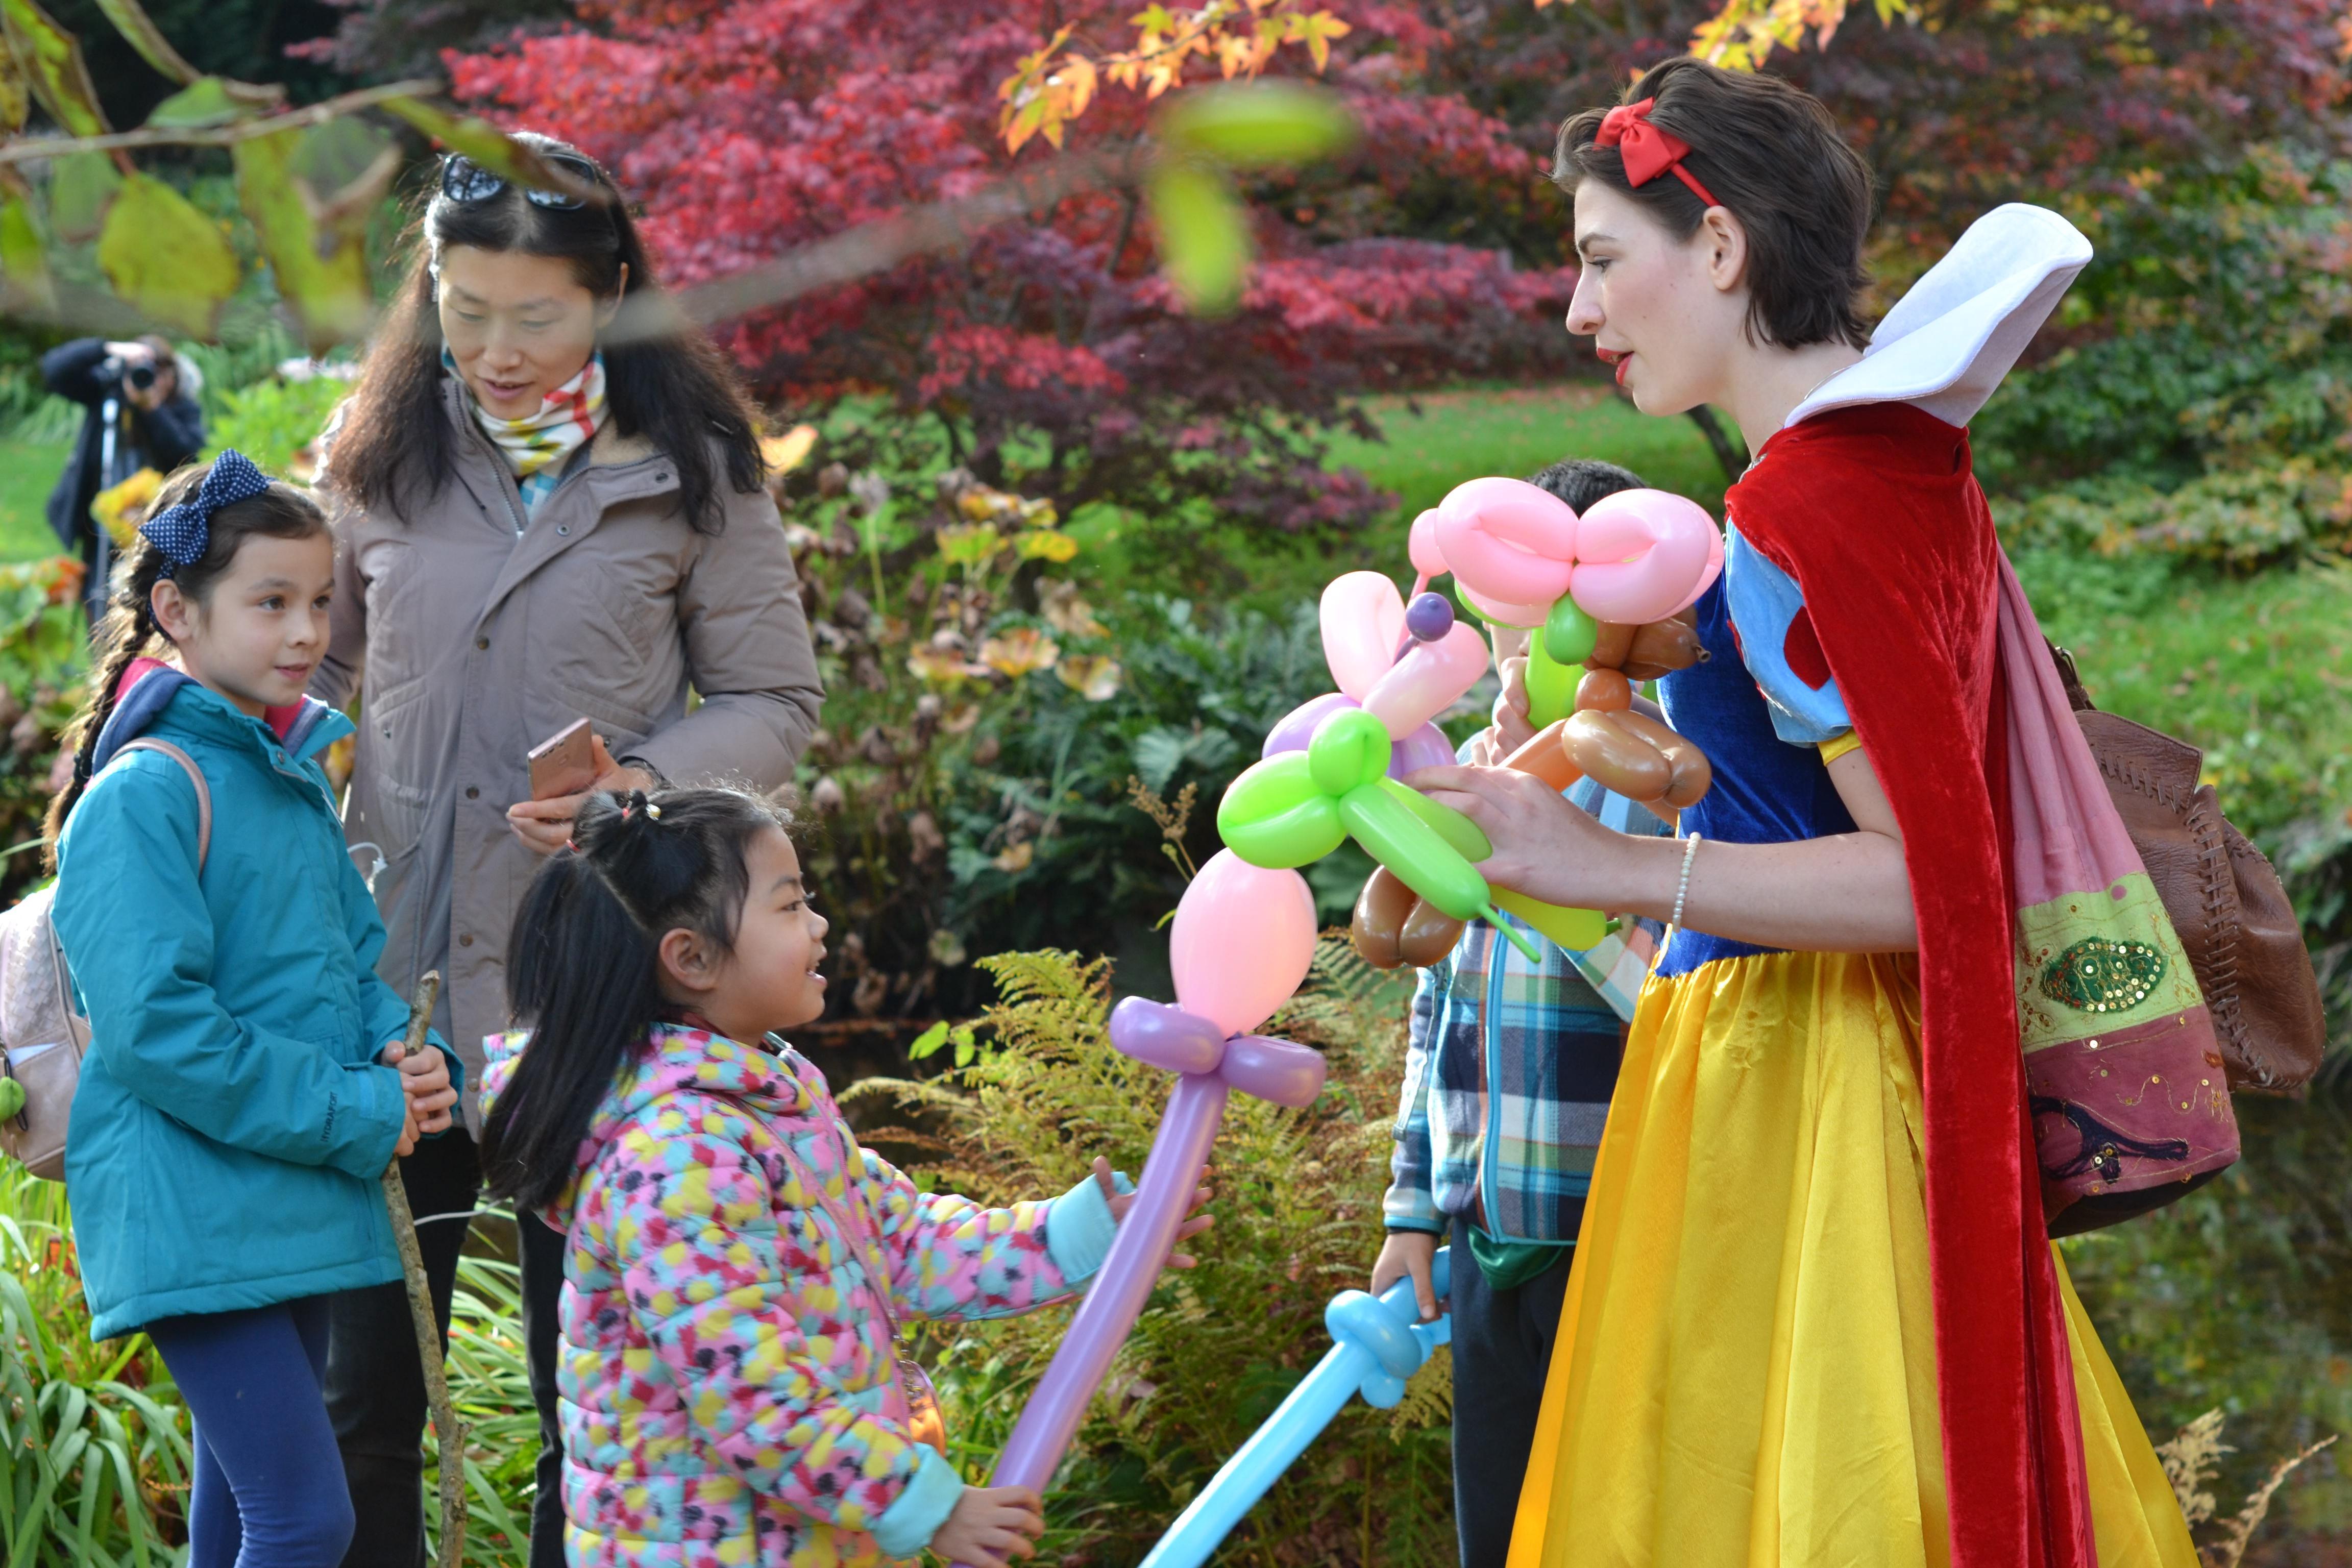 Snow White Party Entertainer